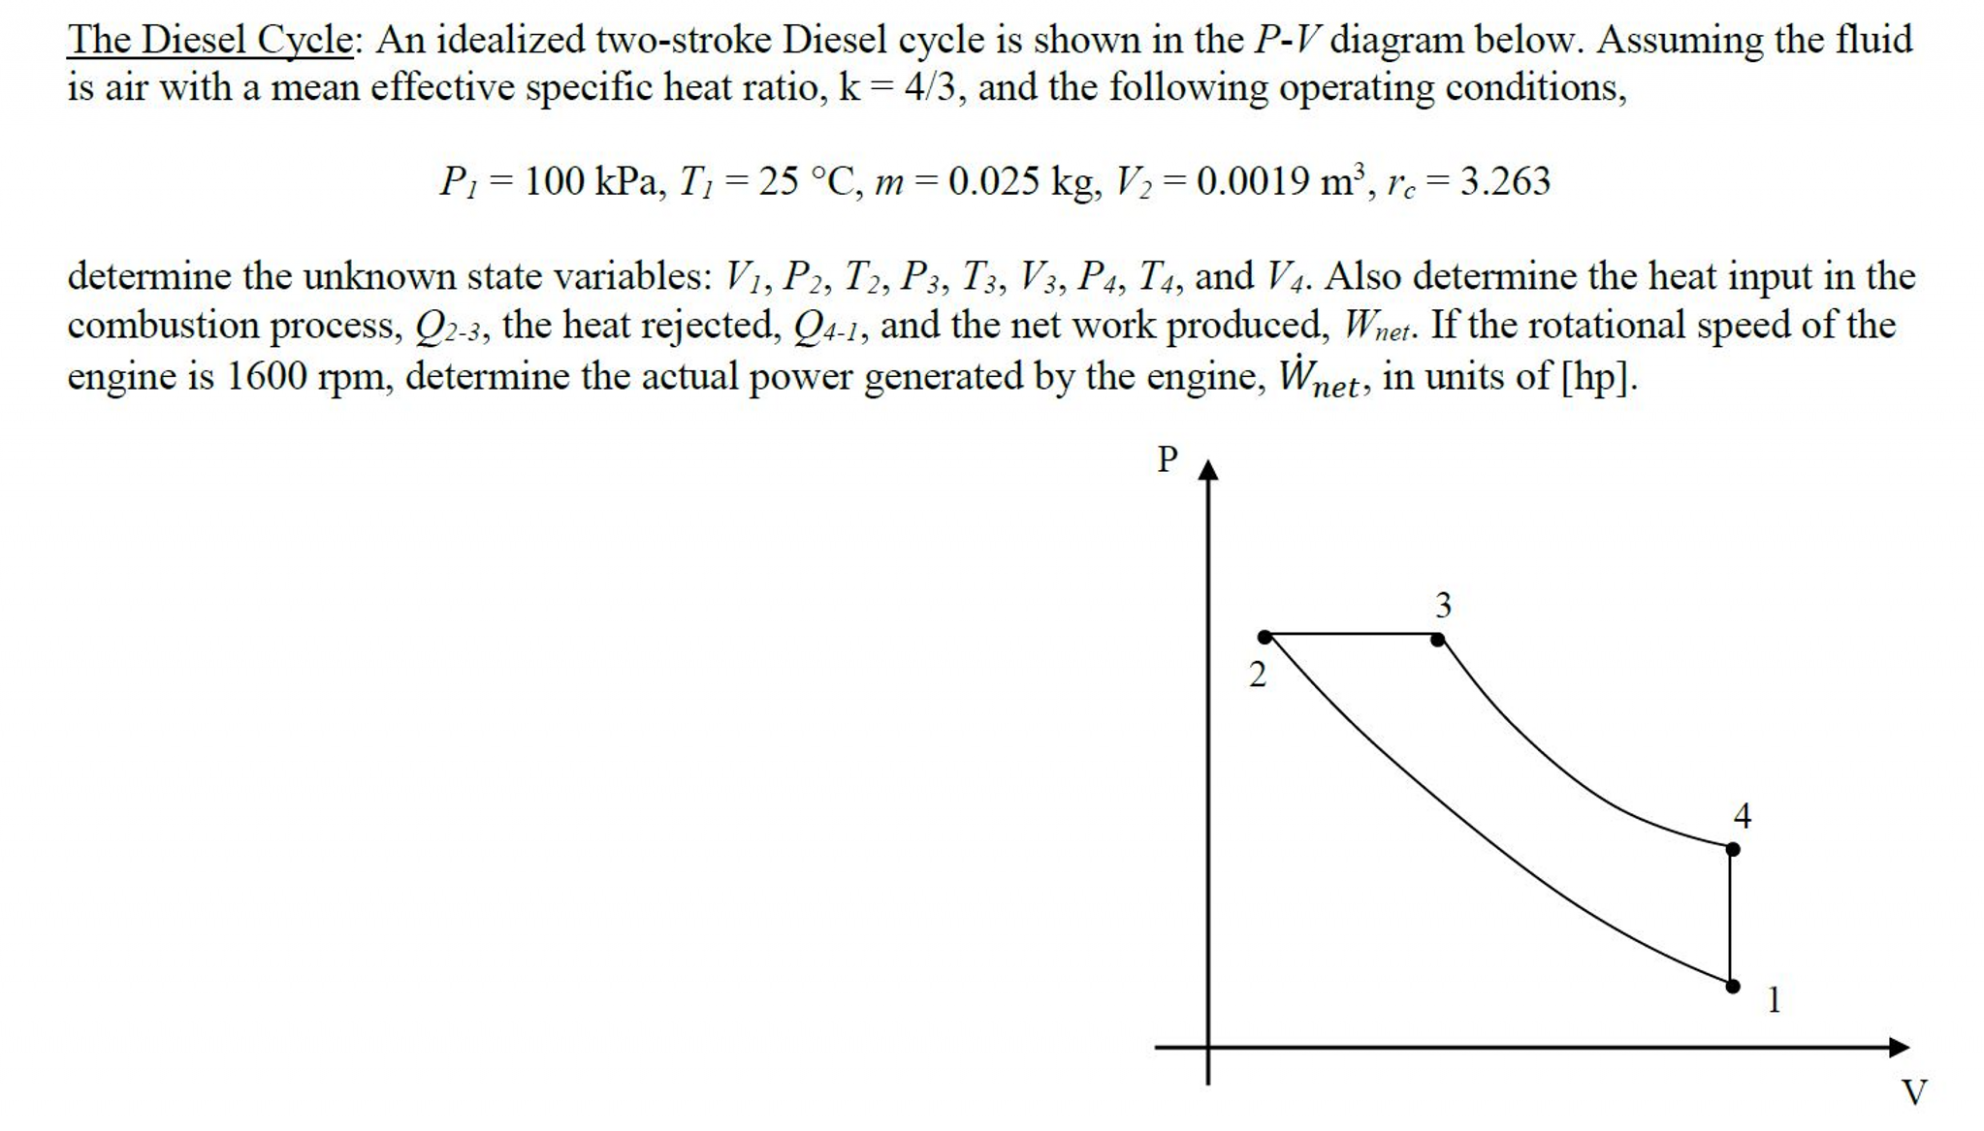 7 Stroke Diesel Engine Pv Diagram Di 2020